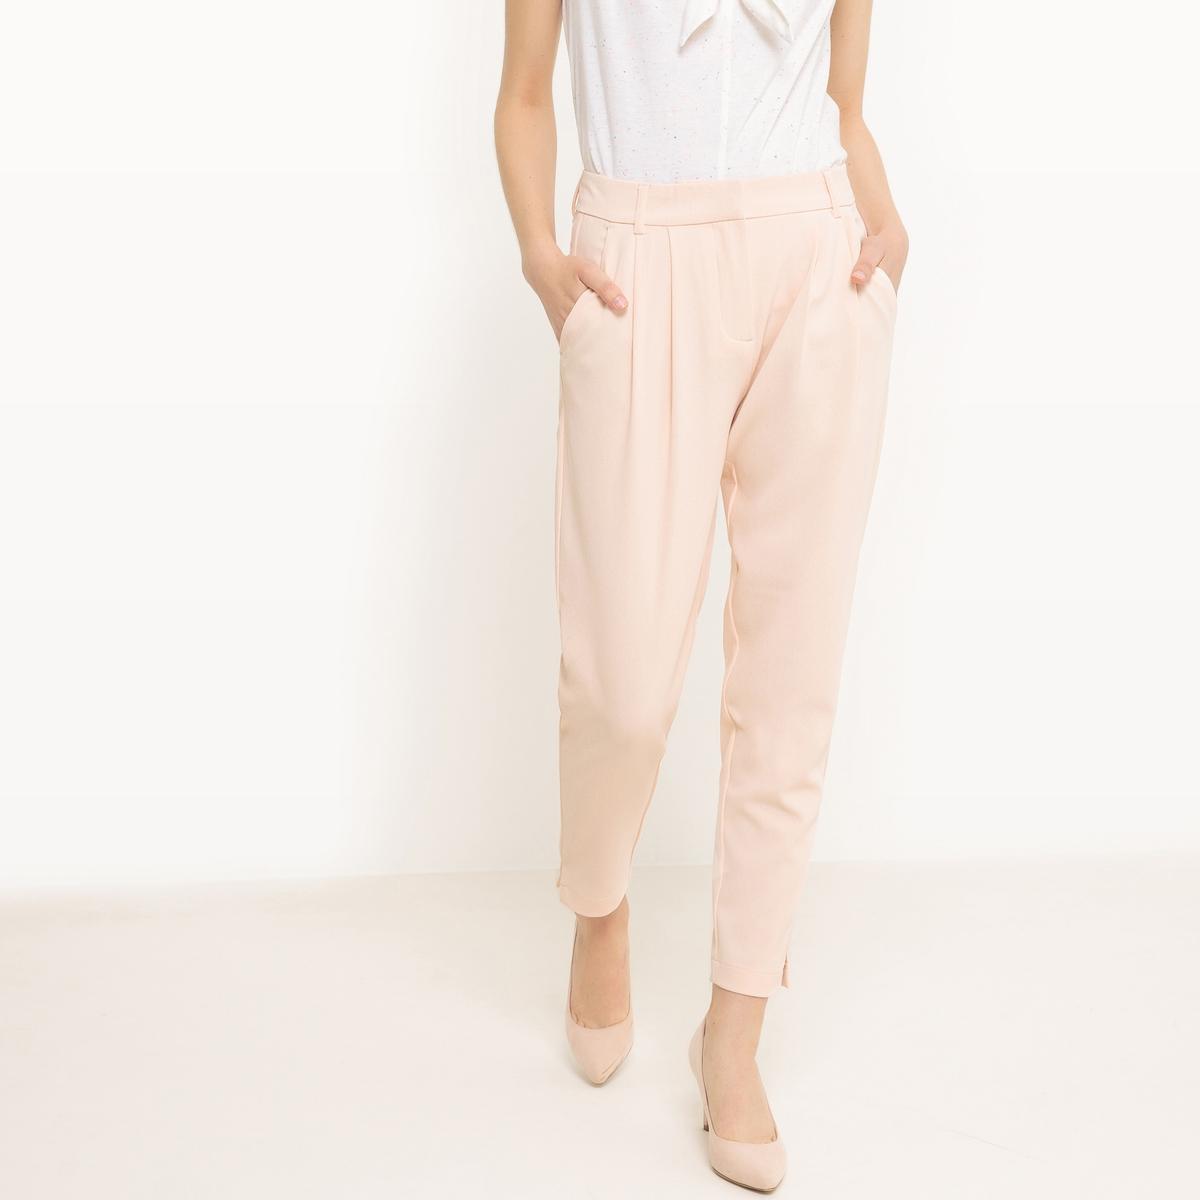 Брюки из струящейся тканиМатериал : 100% полиэстер Рисунок : однотонная модель  Высота пояса : стандартная Покрой брюк : капри<br><br>Цвет: розовый